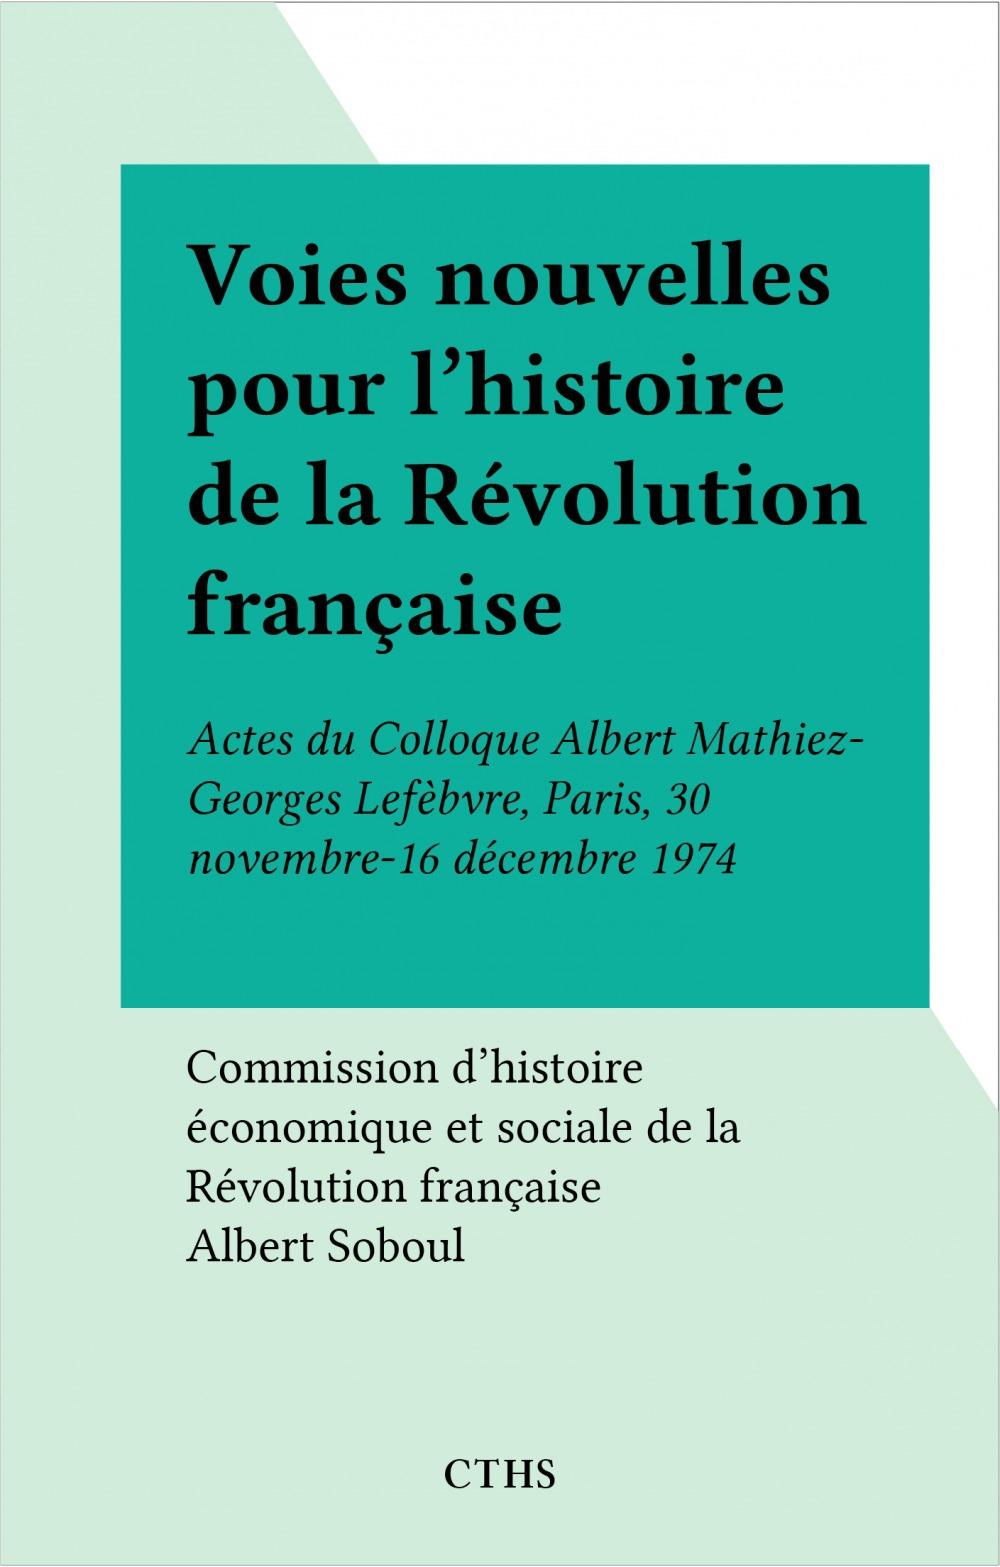 Voies nouvelles pour l'histoire de la Révolution française